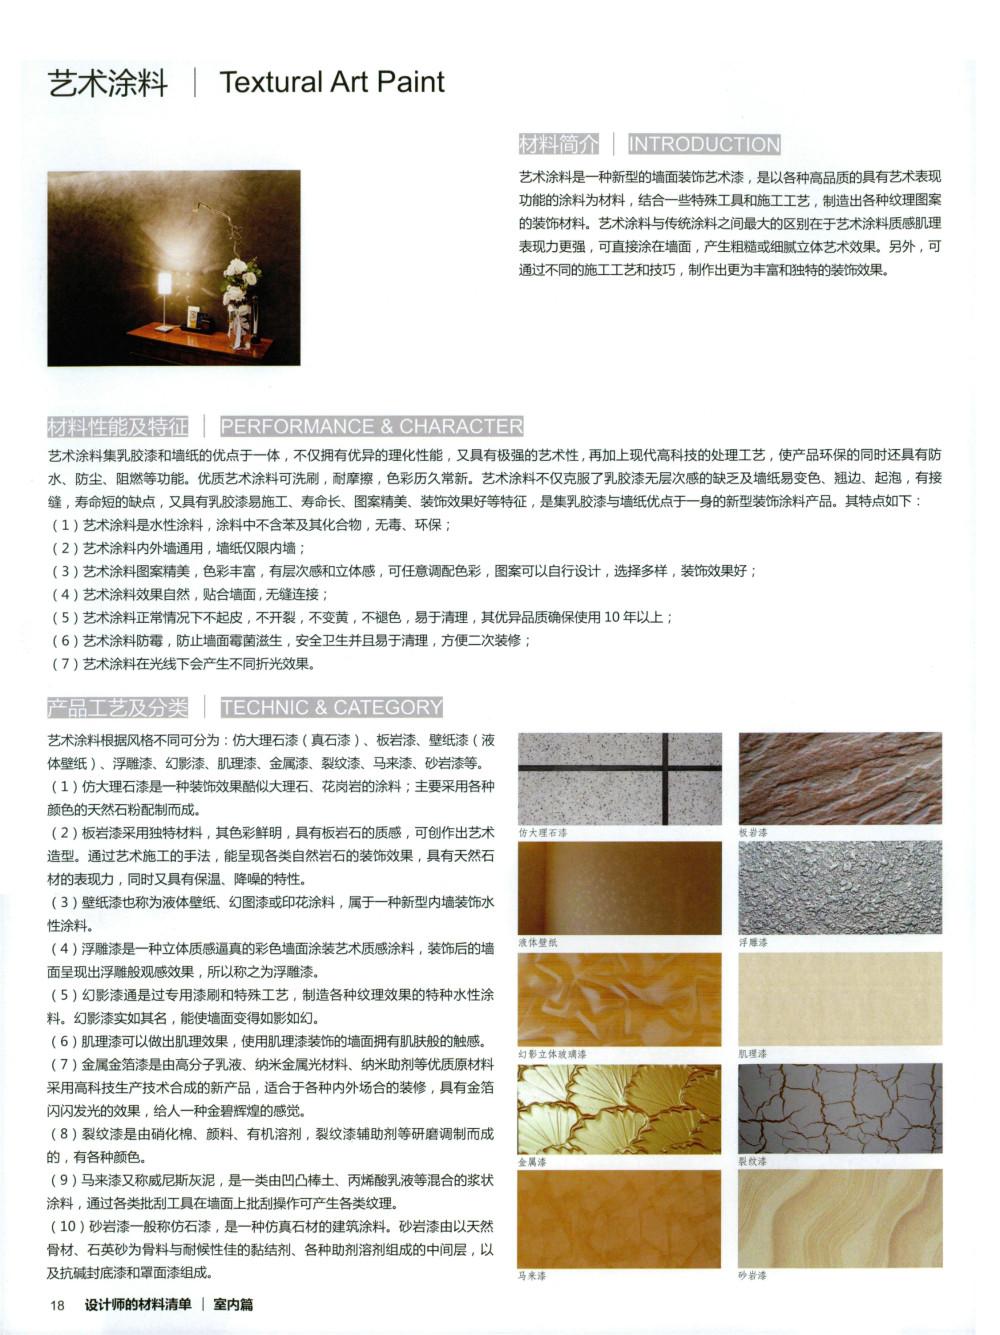 《设计师的材料清单·室内篇》(含高清PDF+JPG图片_0018.jpg